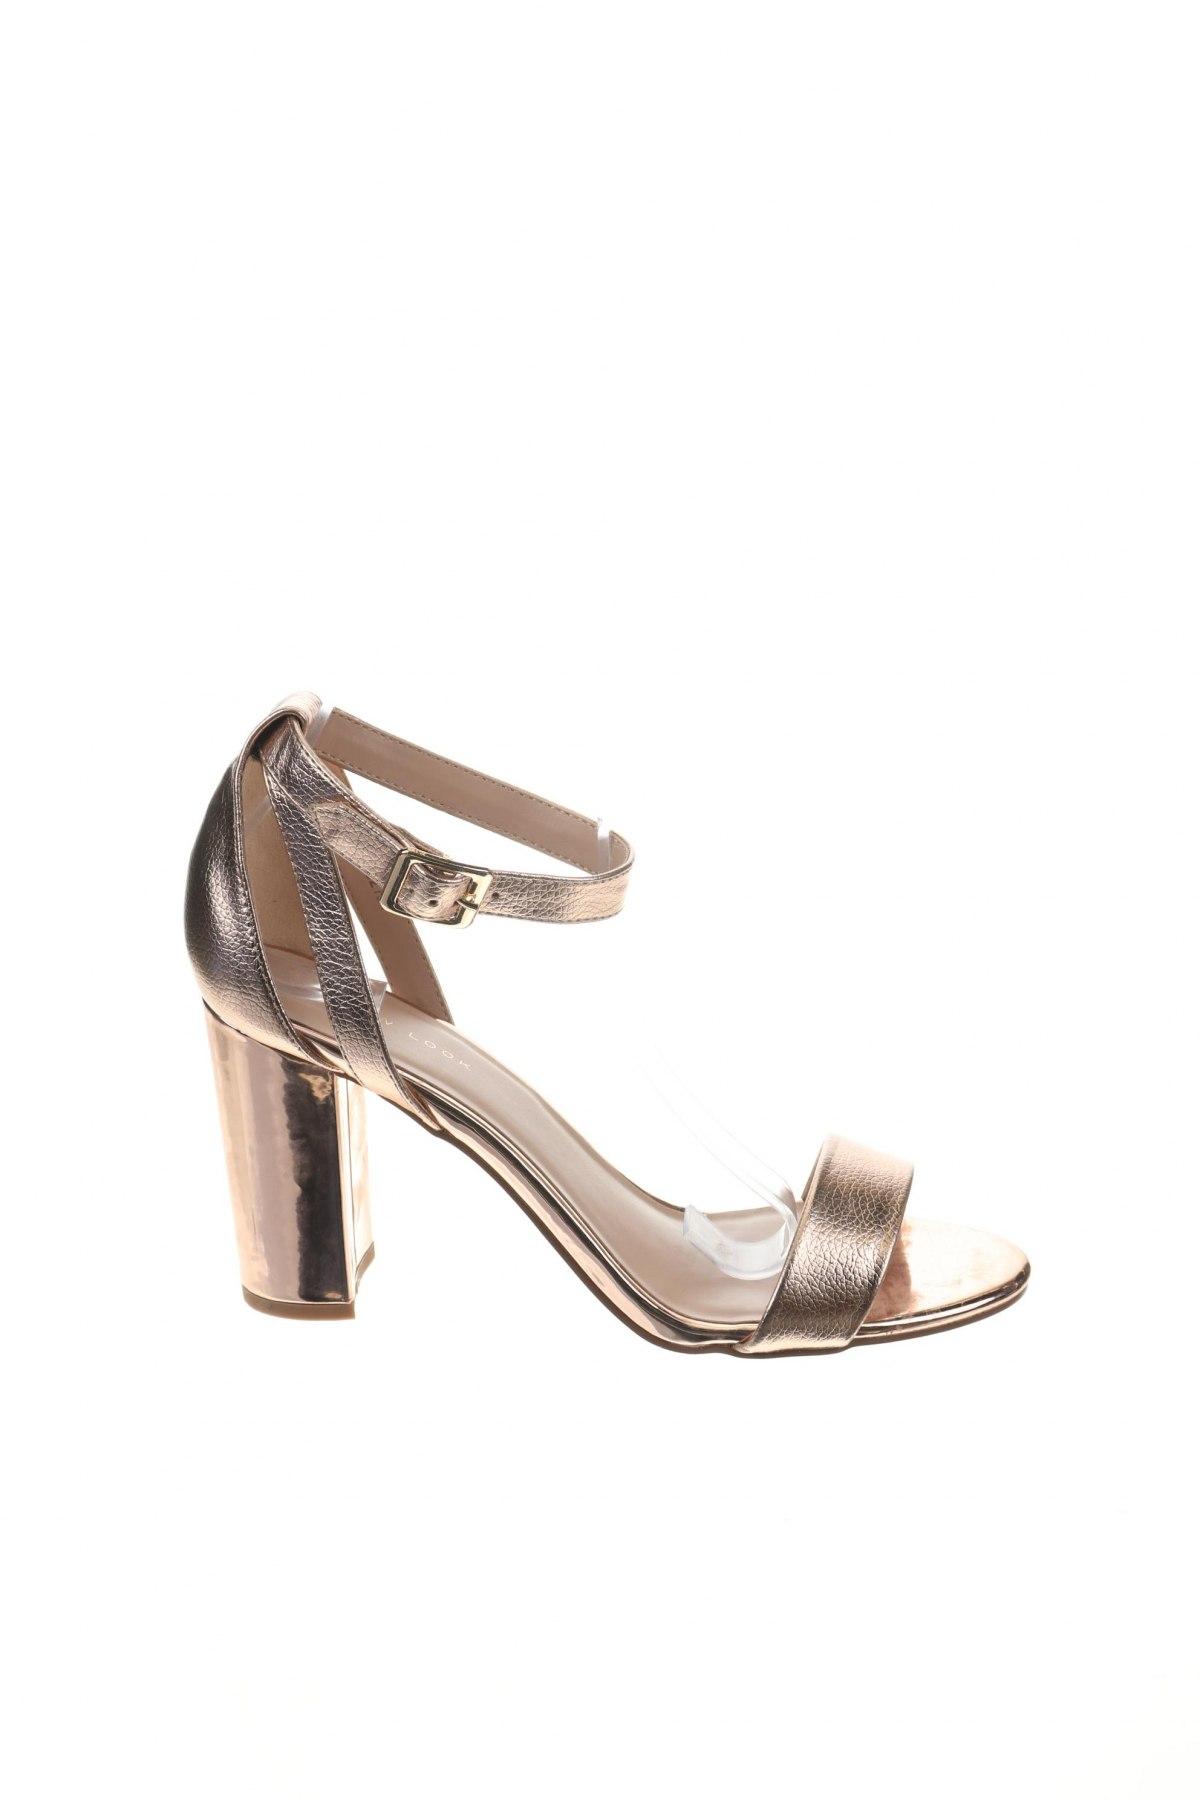 Σανδάλια New Look, Μέγεθος 40, Χρώμα Χρυσαφί, Δερματίνη, Τιμή 19,16€